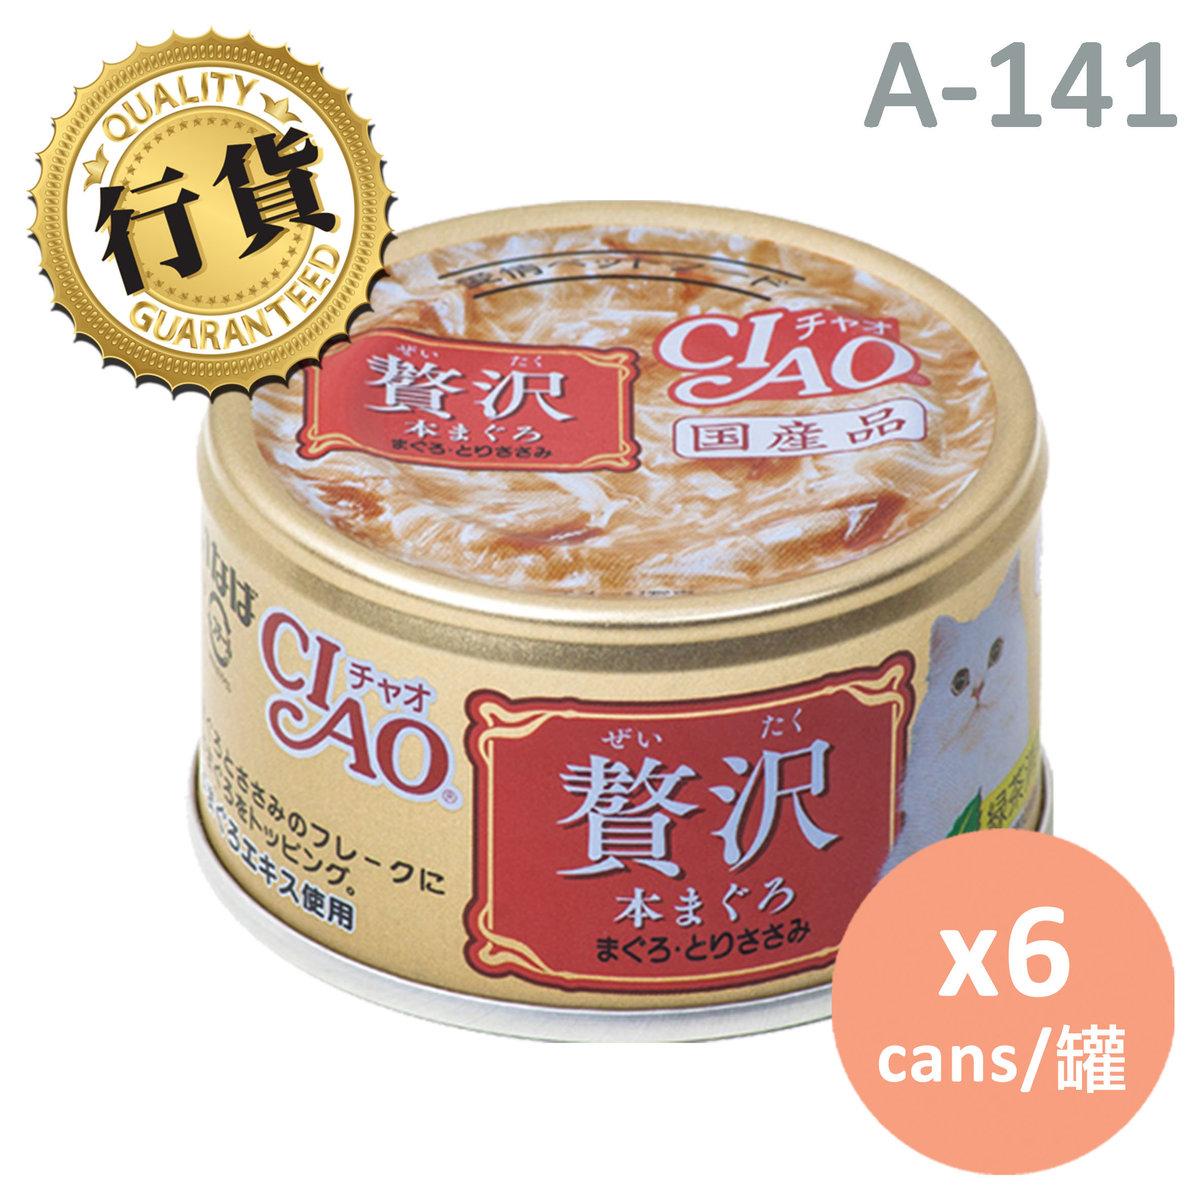 (行貨) A-141 奢華-吞拿魚+雞肉 x6